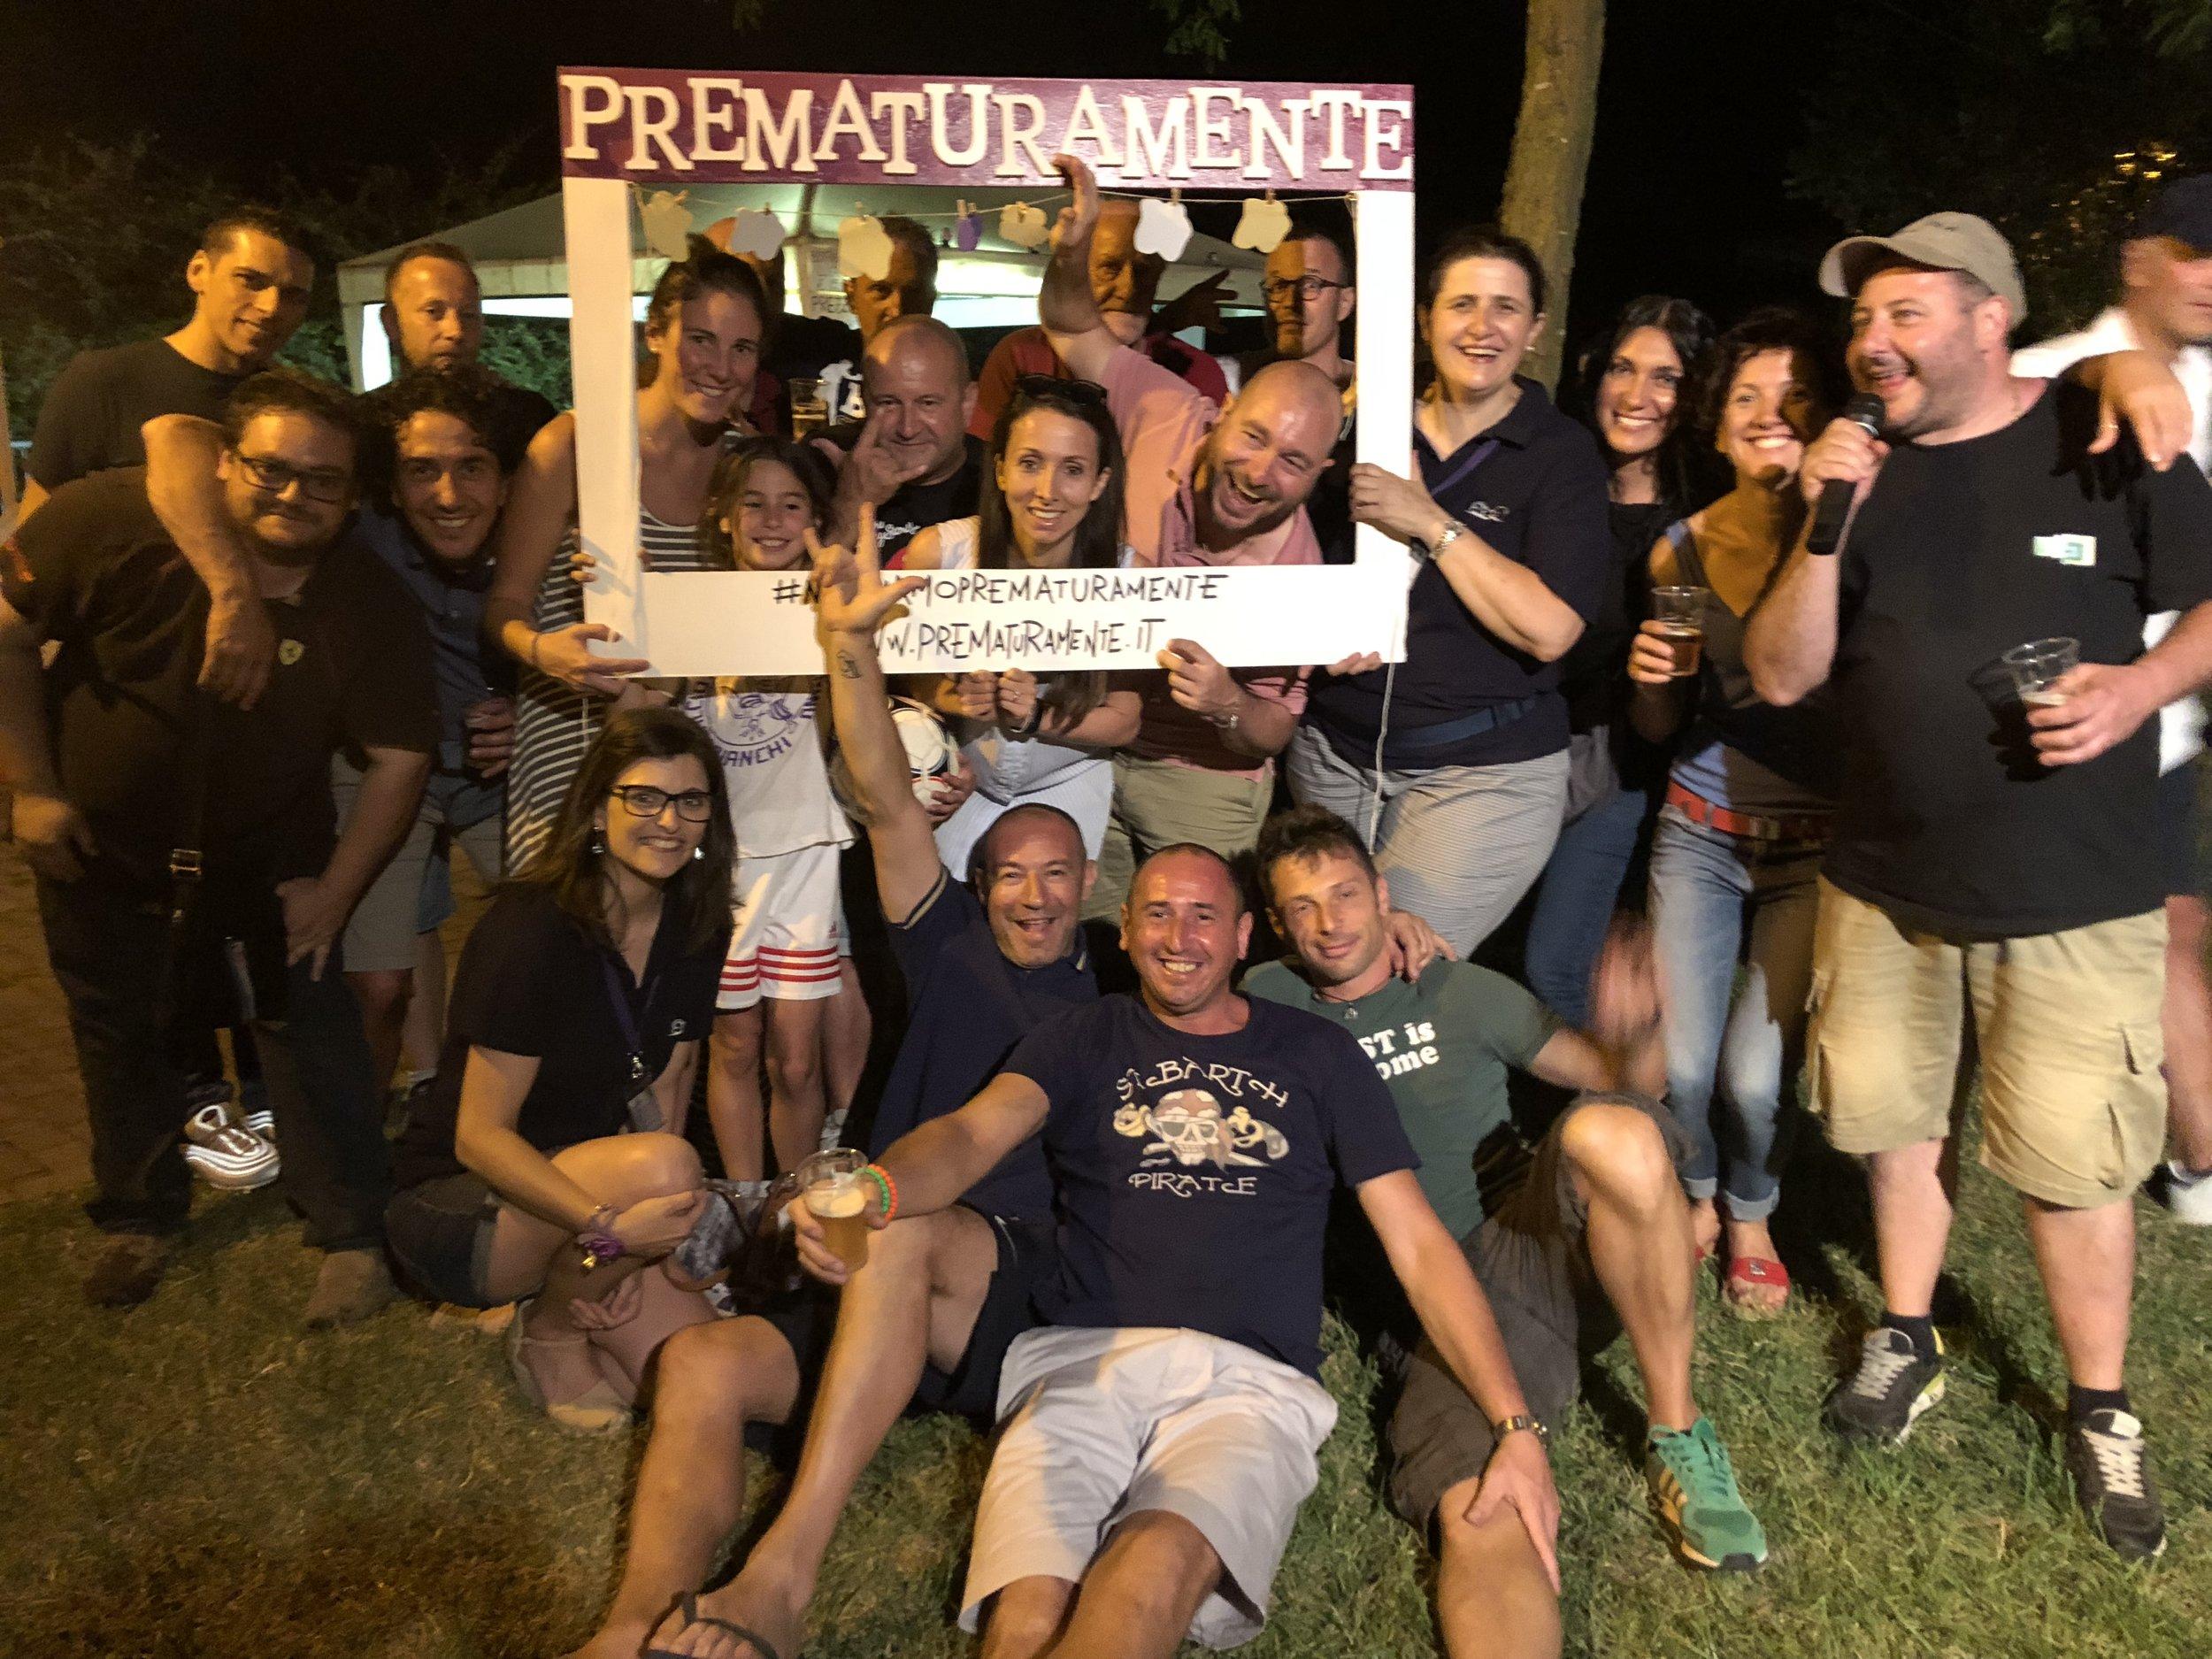 PREMATURAMENTE - ACLI COLA' 30 Giugno 2018